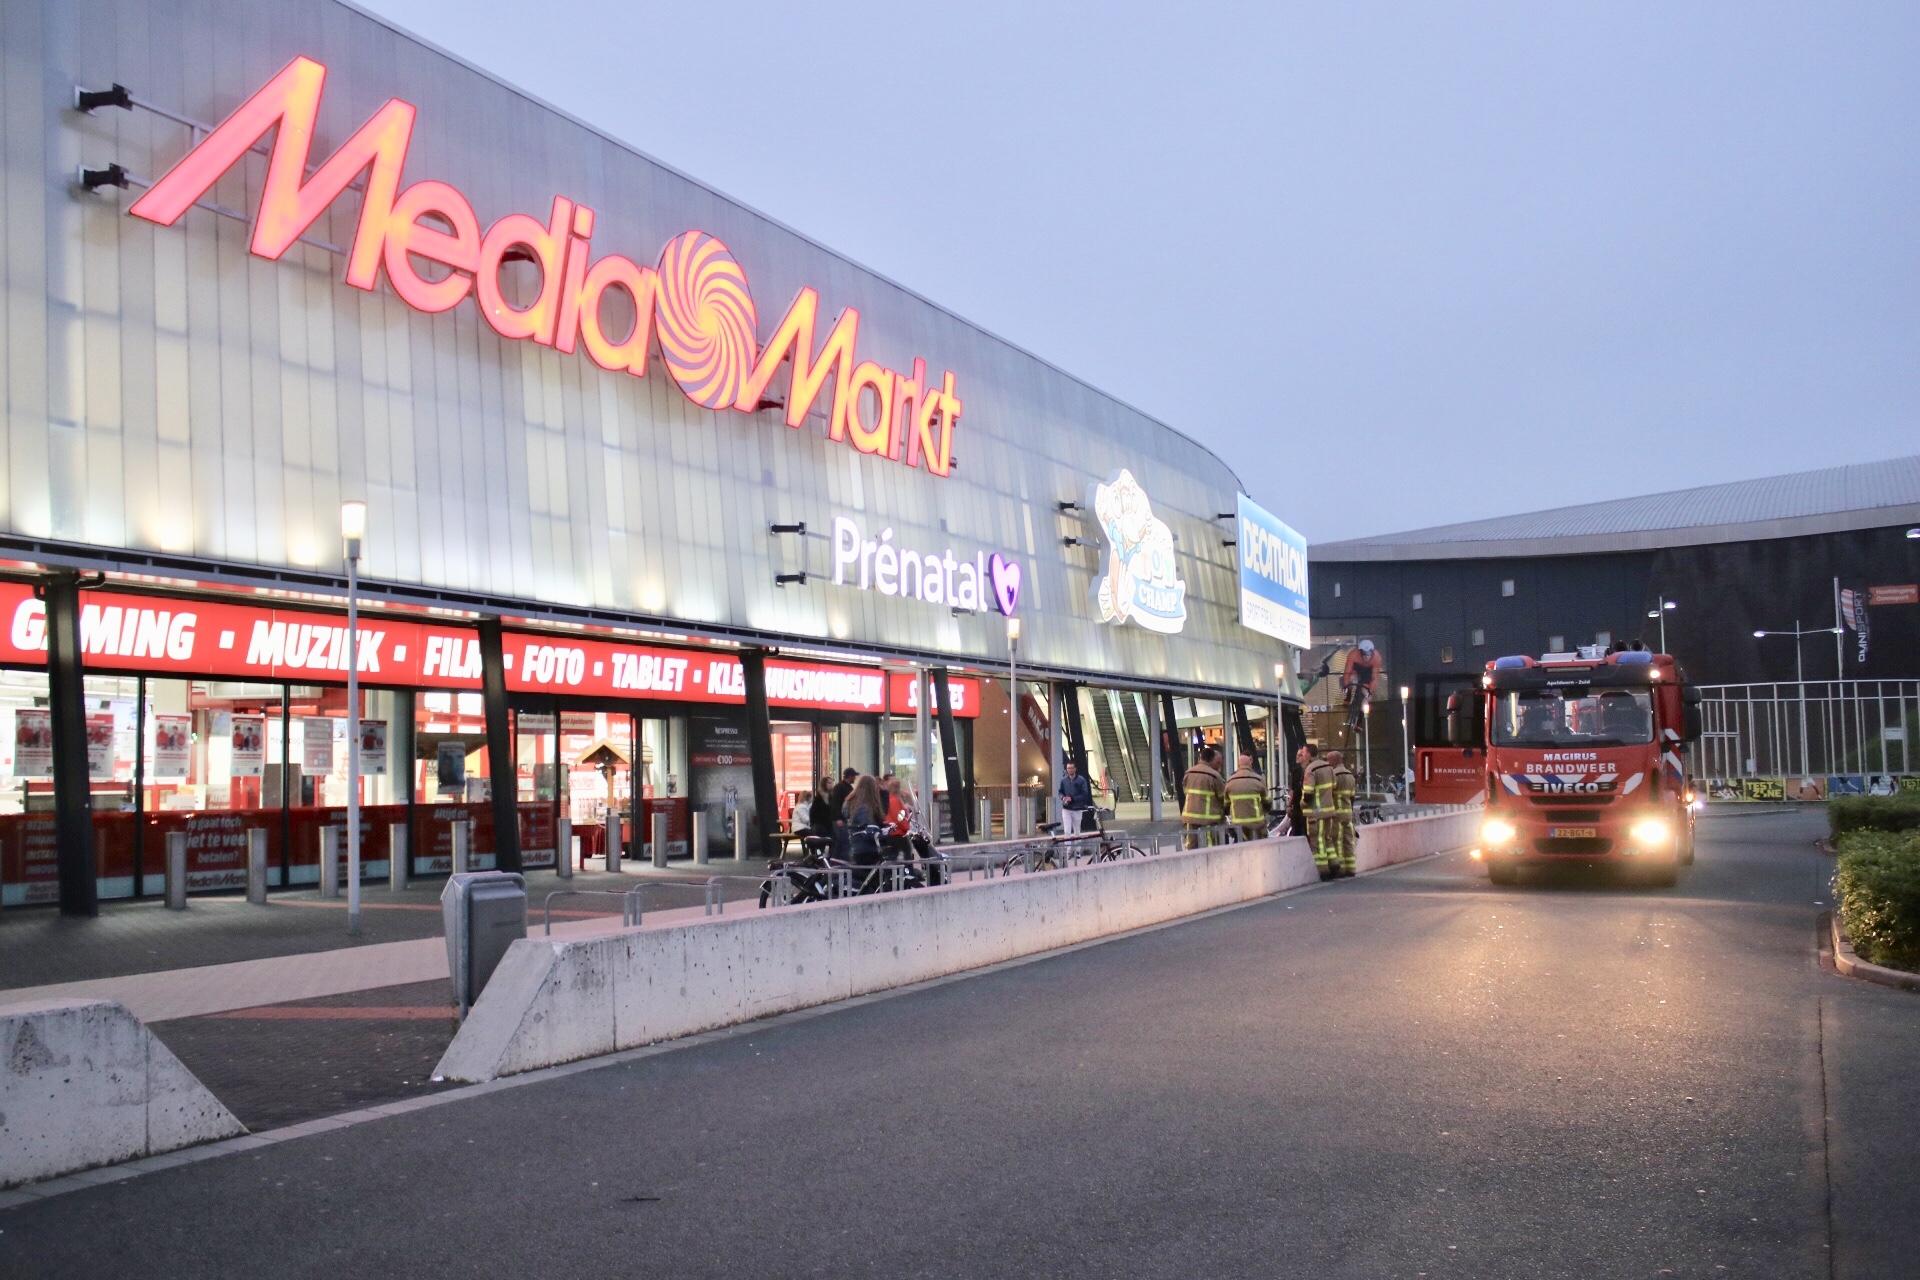 Brandlucht laat brandweer uitrukken naar de mediamarkt